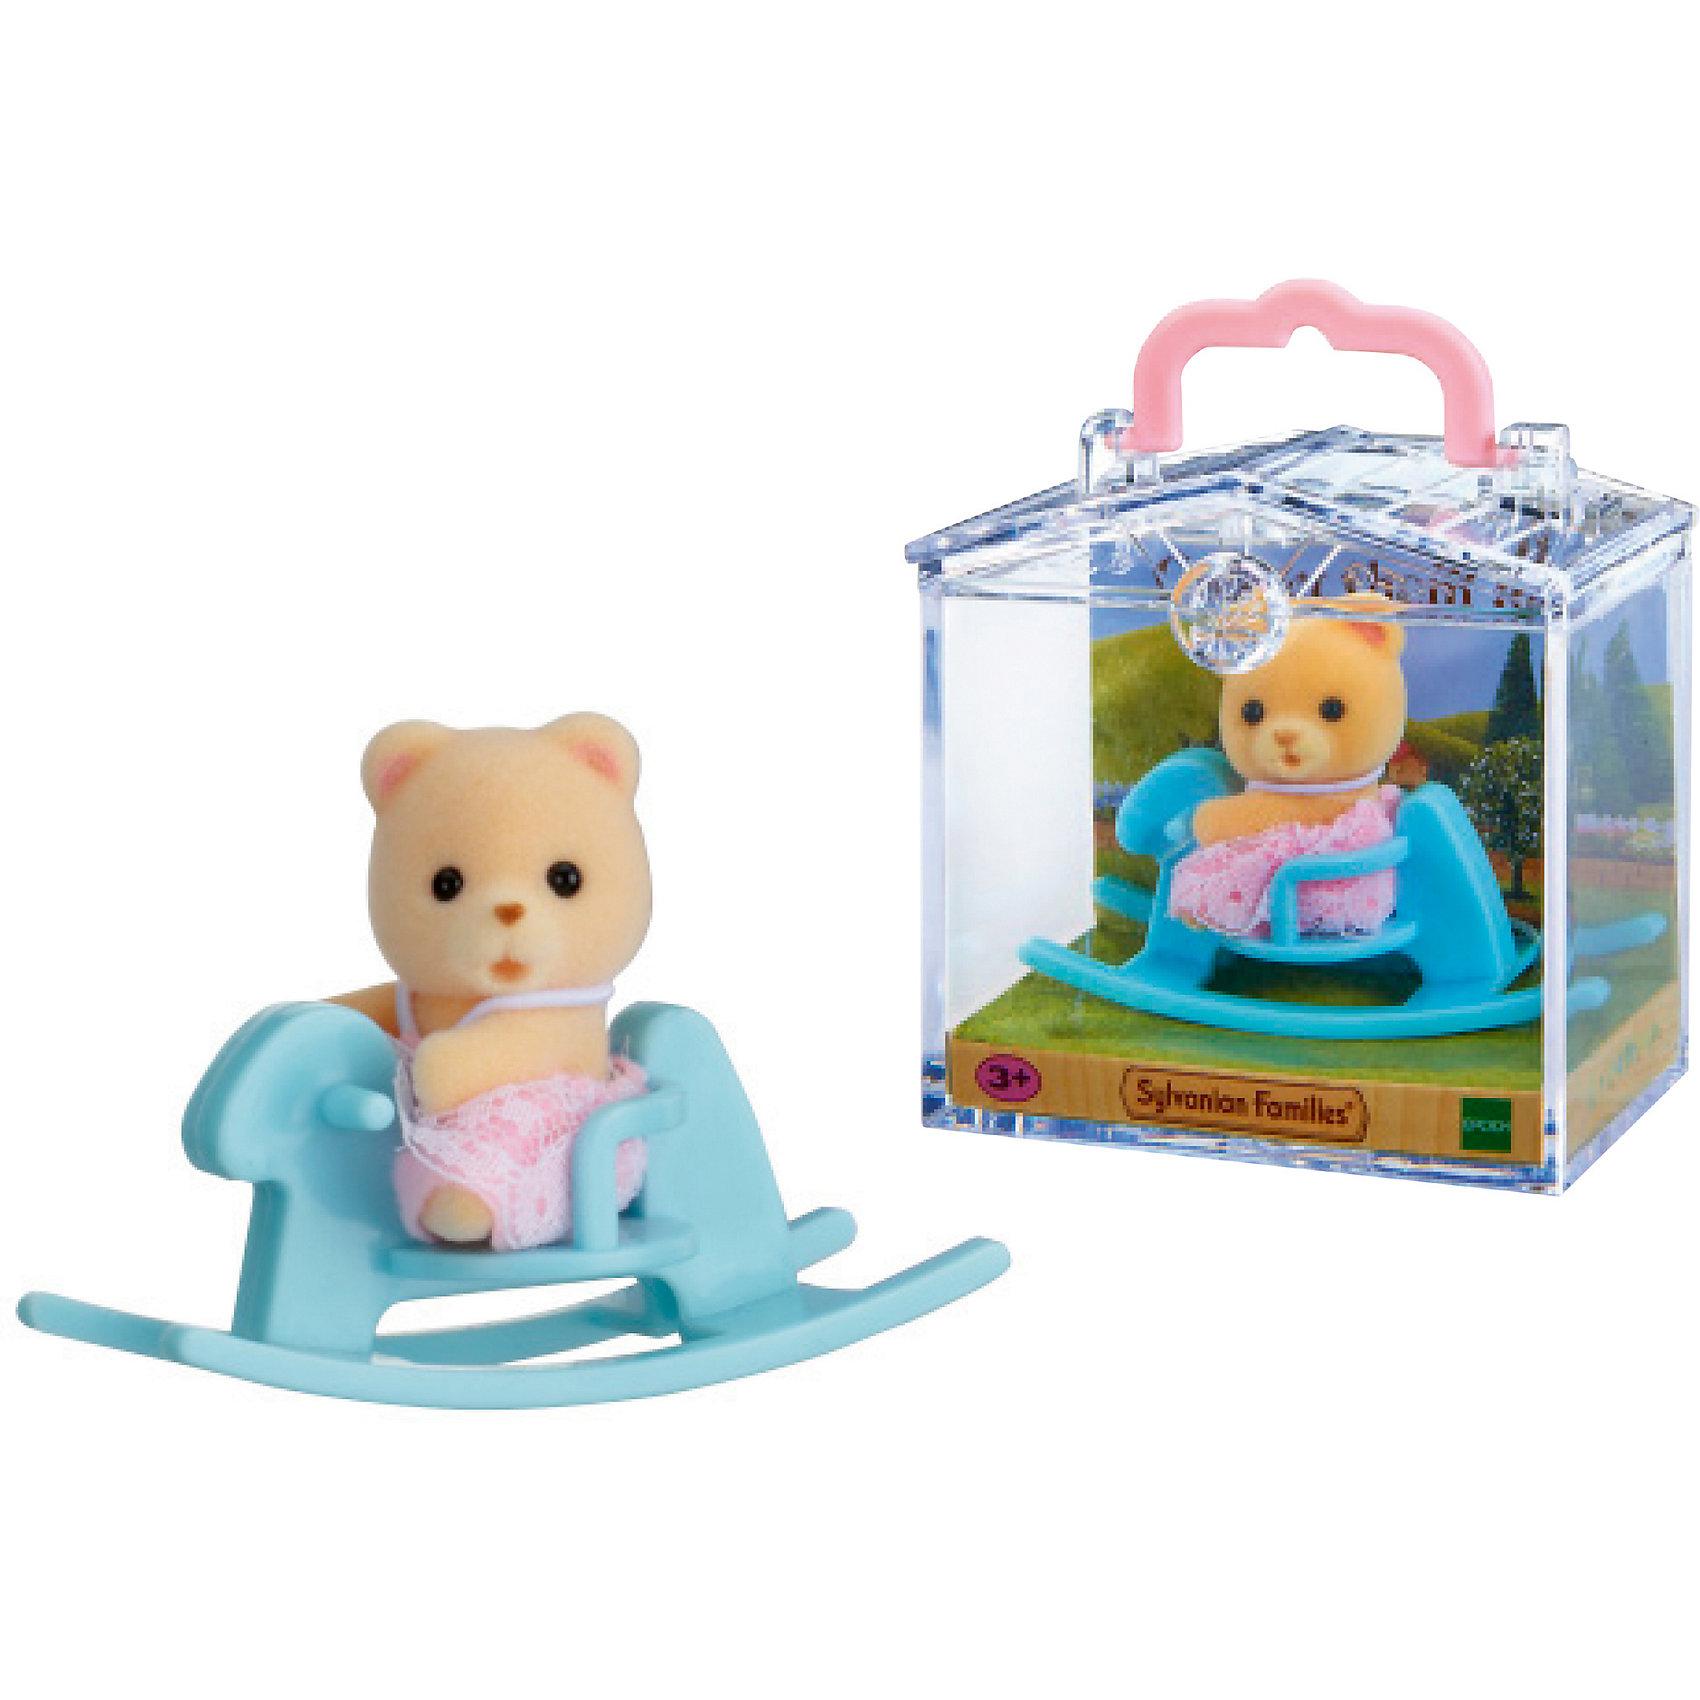 - Набор Младенец в пластиковом сундучке  (медвежонок на качалке), Sylvanian Families игровой набор beanzeez медвежонок на пони качалке